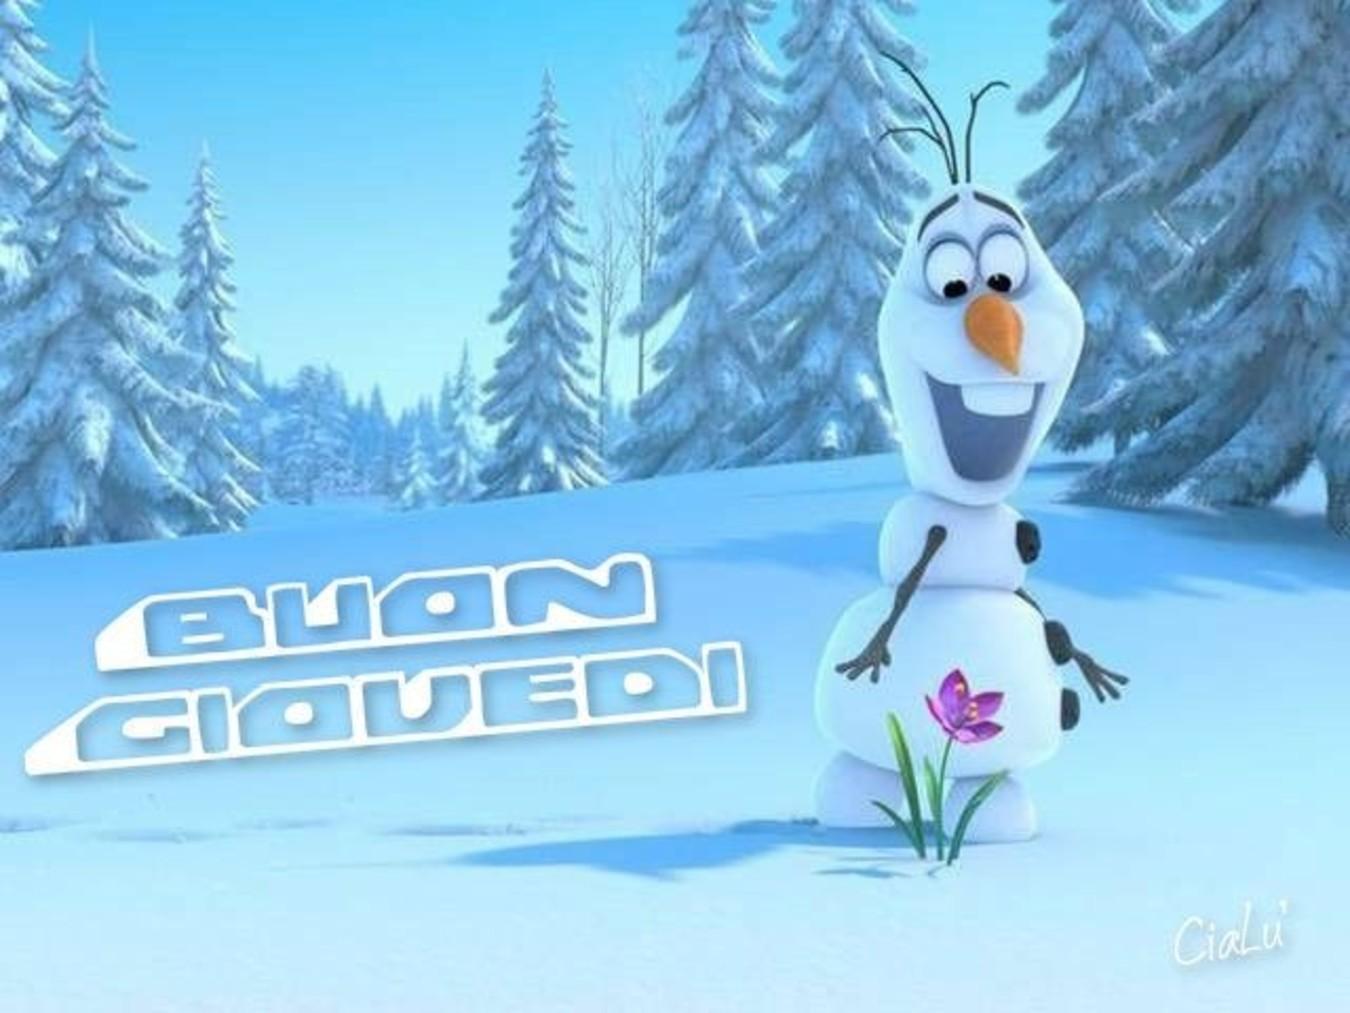 Buon Giovedi Inverno Immagini Gratis 154 Buongiorno Immagini It